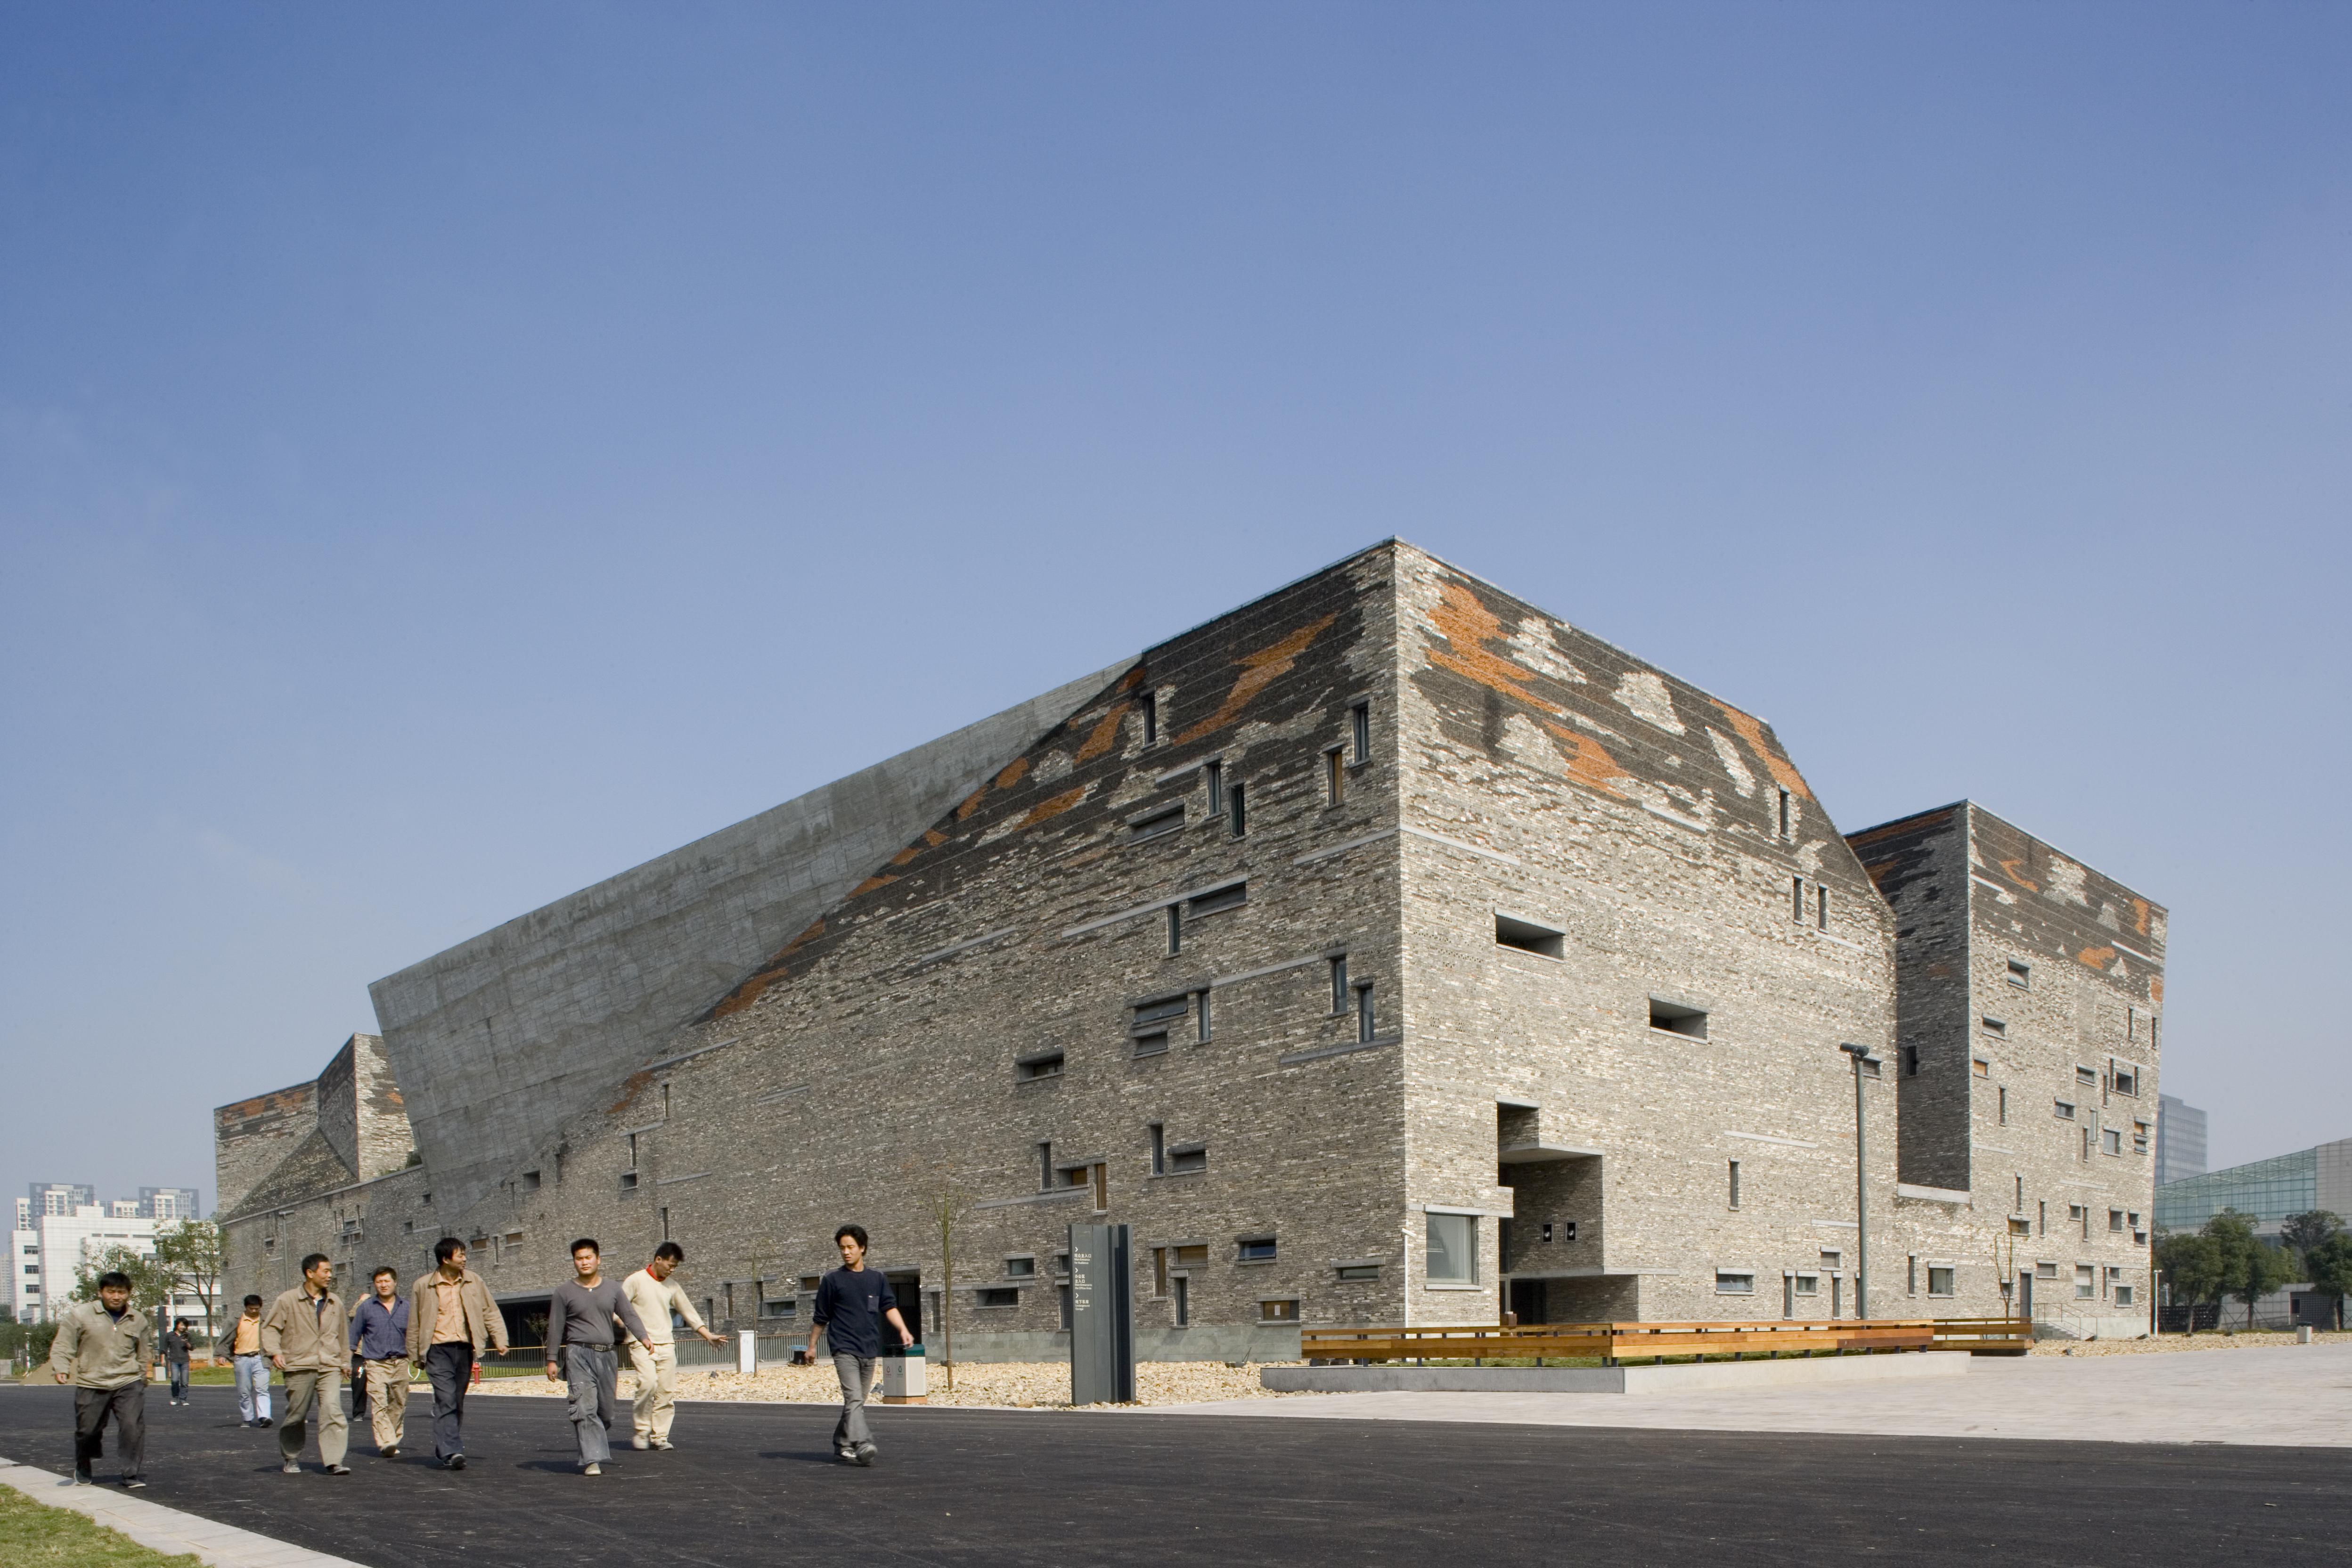 4 Museo de Historia en Ningbo - Zhejiang, China